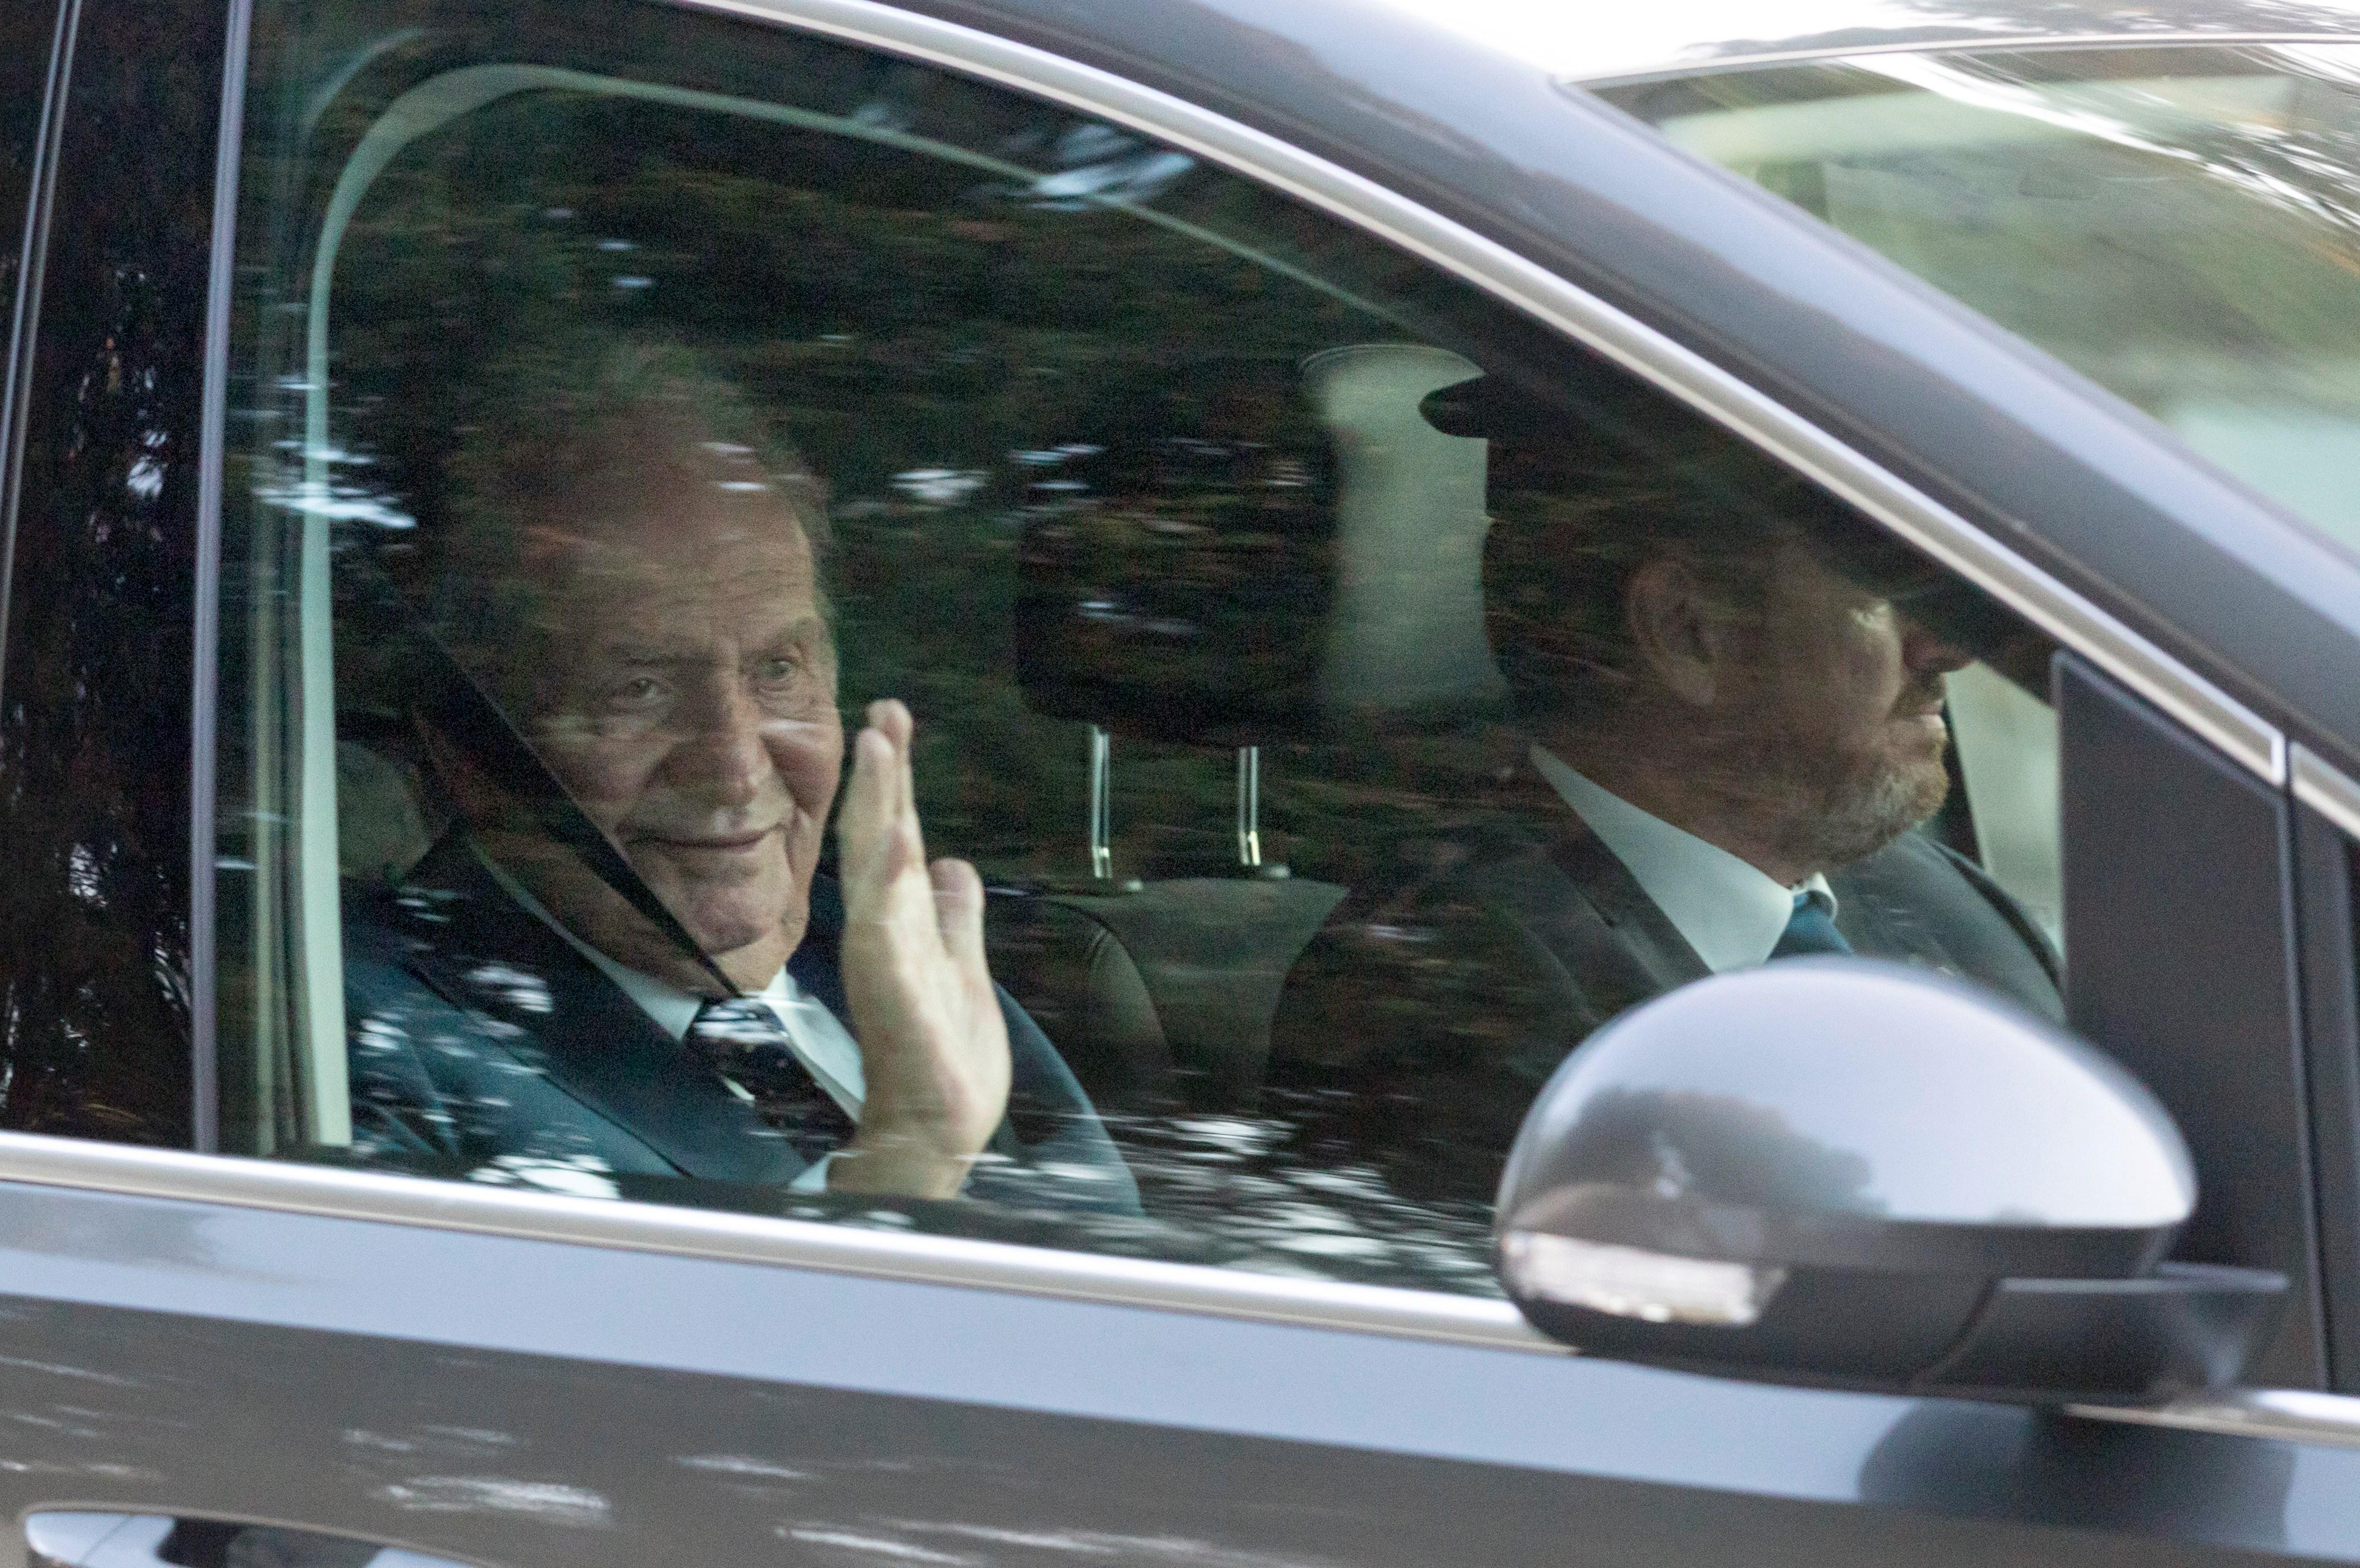 El rey Juan Carlos, invitado a la boda de Rafa Nadal y Mery Perelló, a su salida de la fiesta celebrada en la finca situada en la península de Punta Avançada, en Pollença, al norte de Mallorca. EFE/ Lliteres.